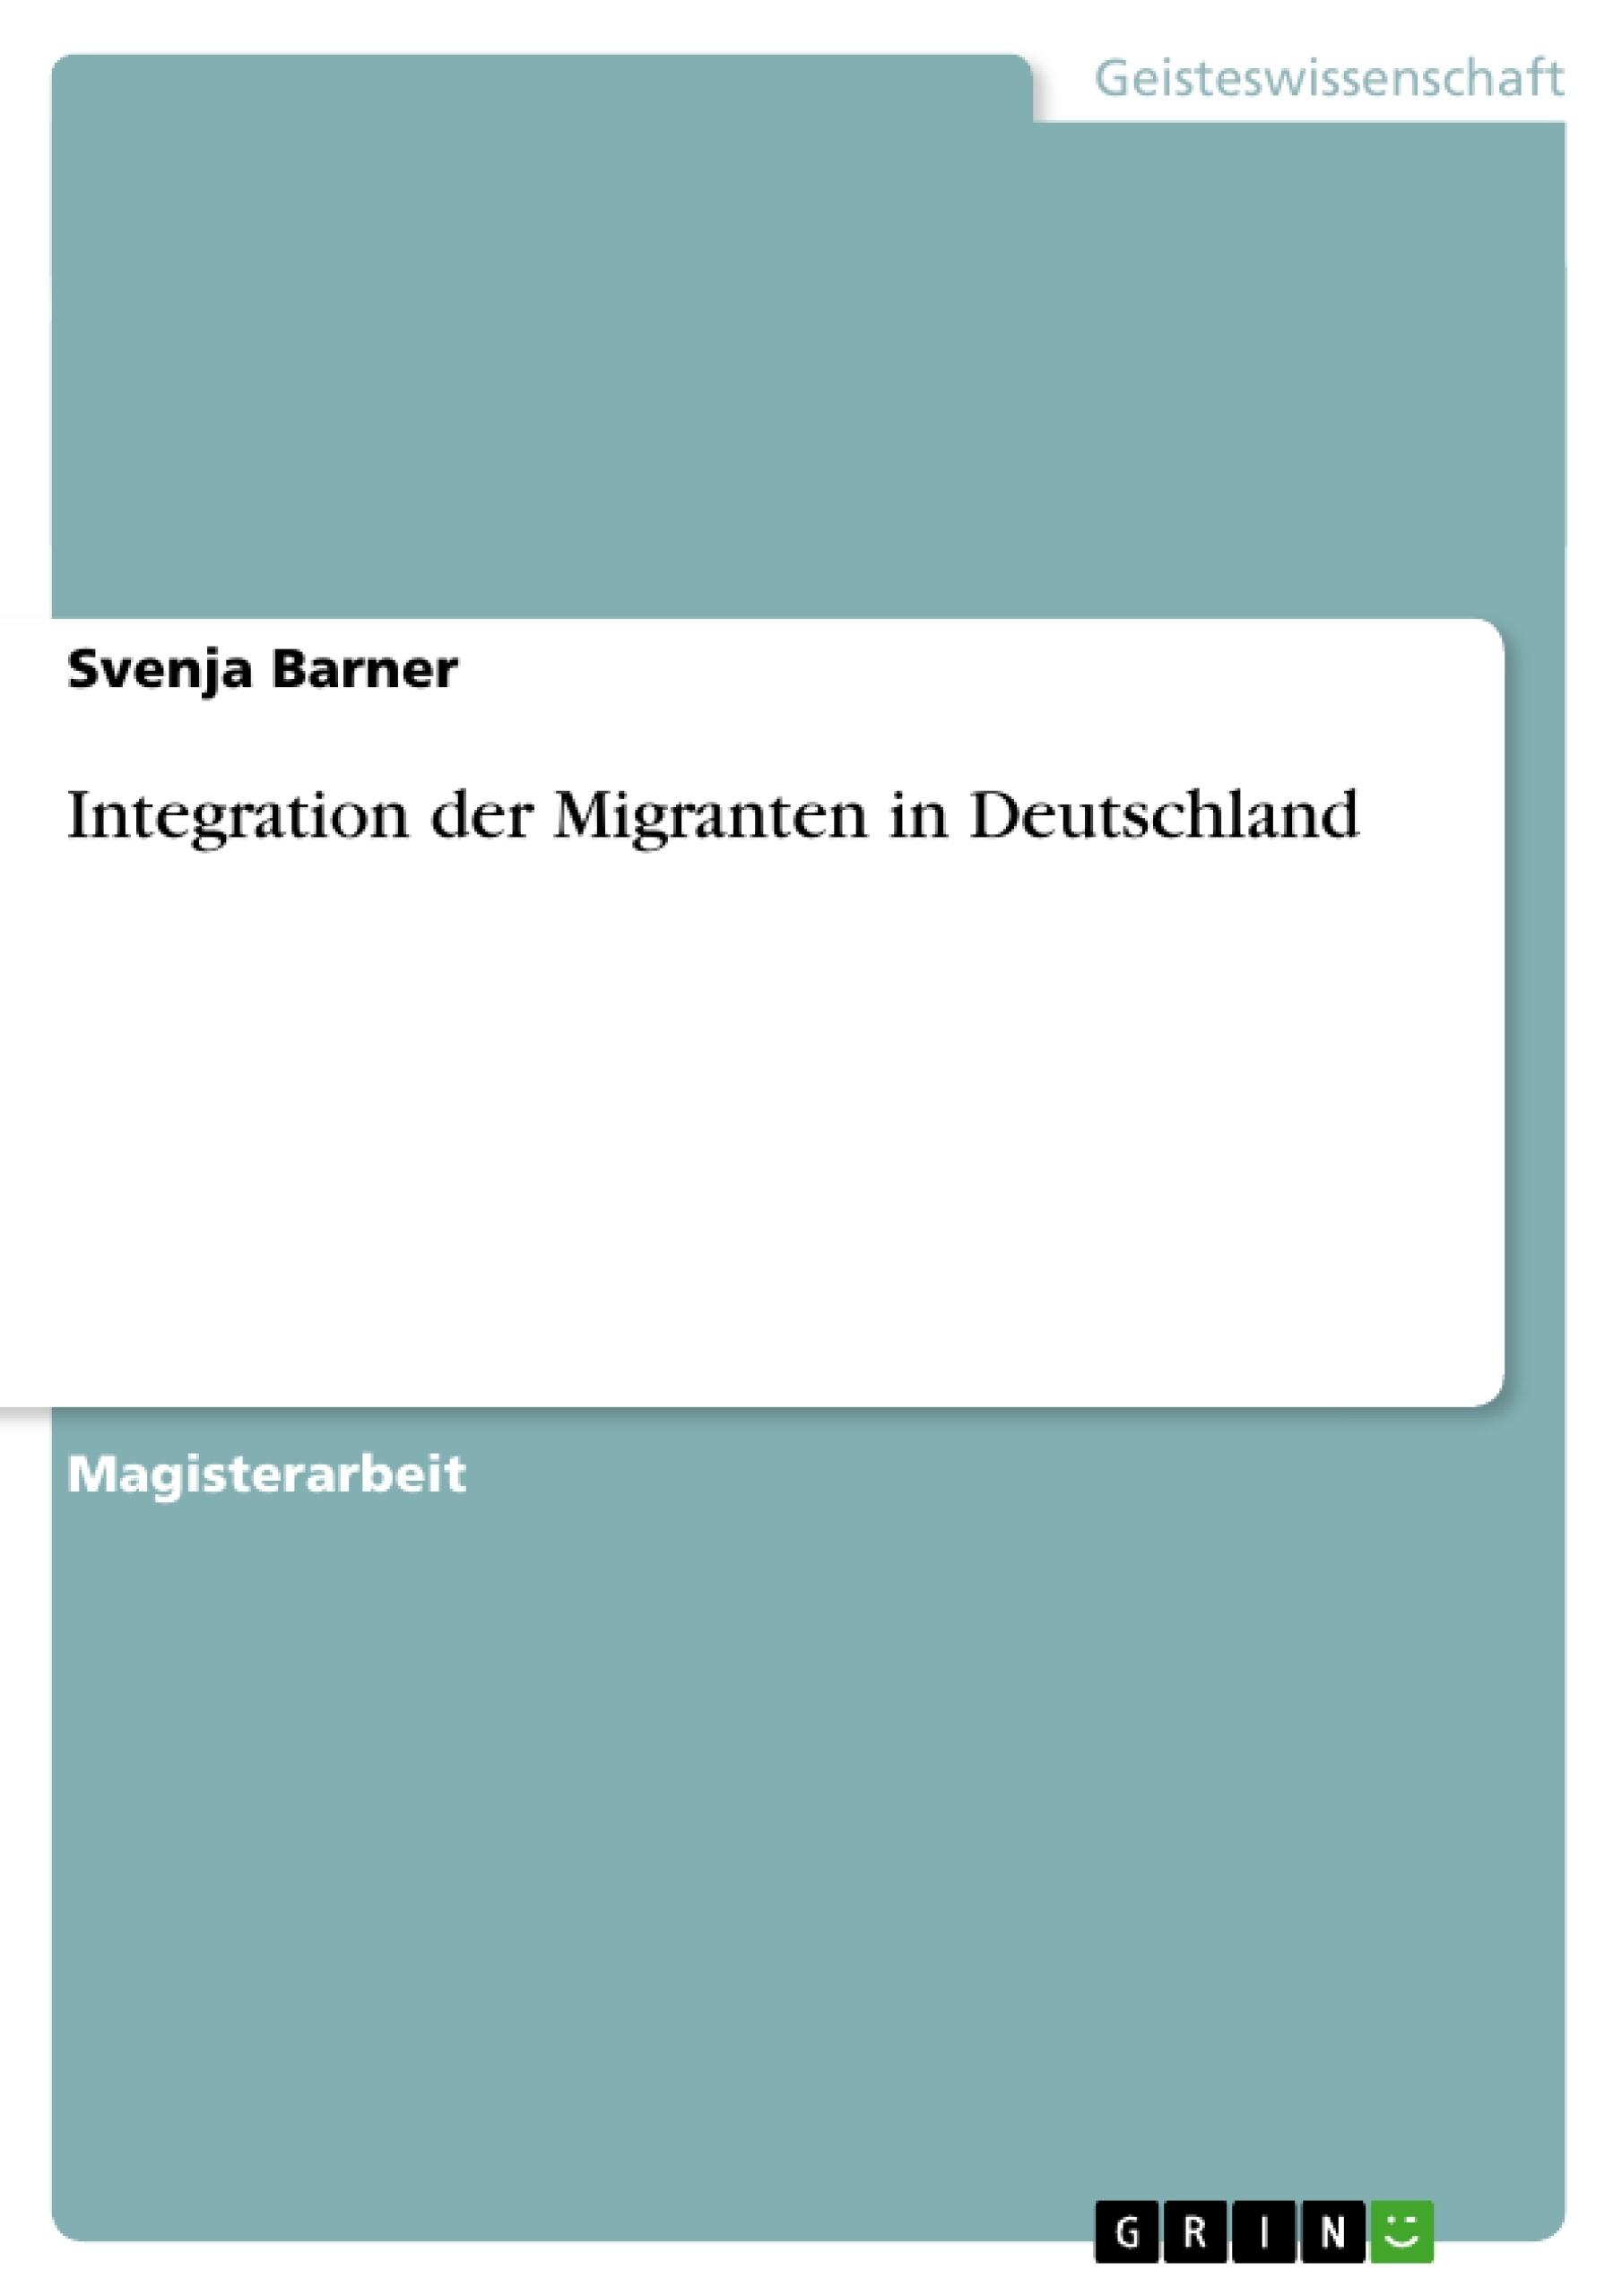 Titel: Integration der Migranten in Deutschland